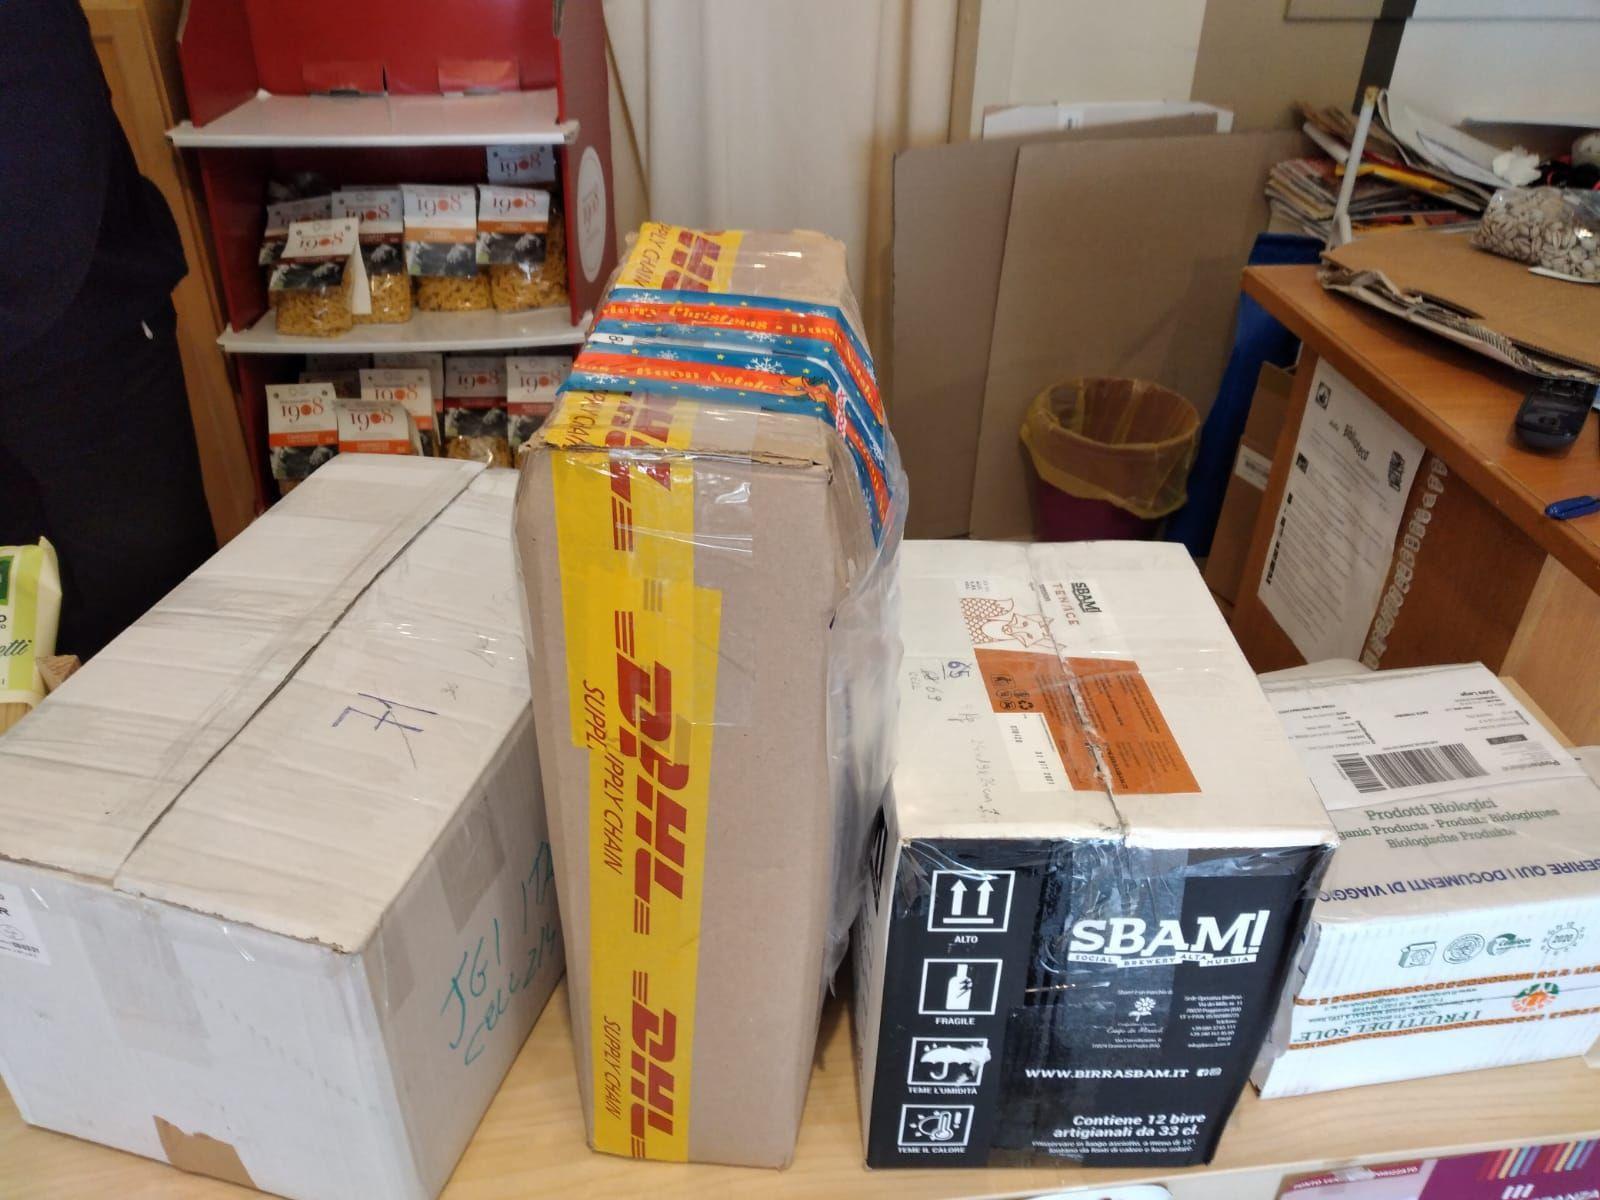 Cellulari usati donati alla Campagna JGI peril riciclo dei cellulari usati da Buongiorno Buona Gente - Trieste